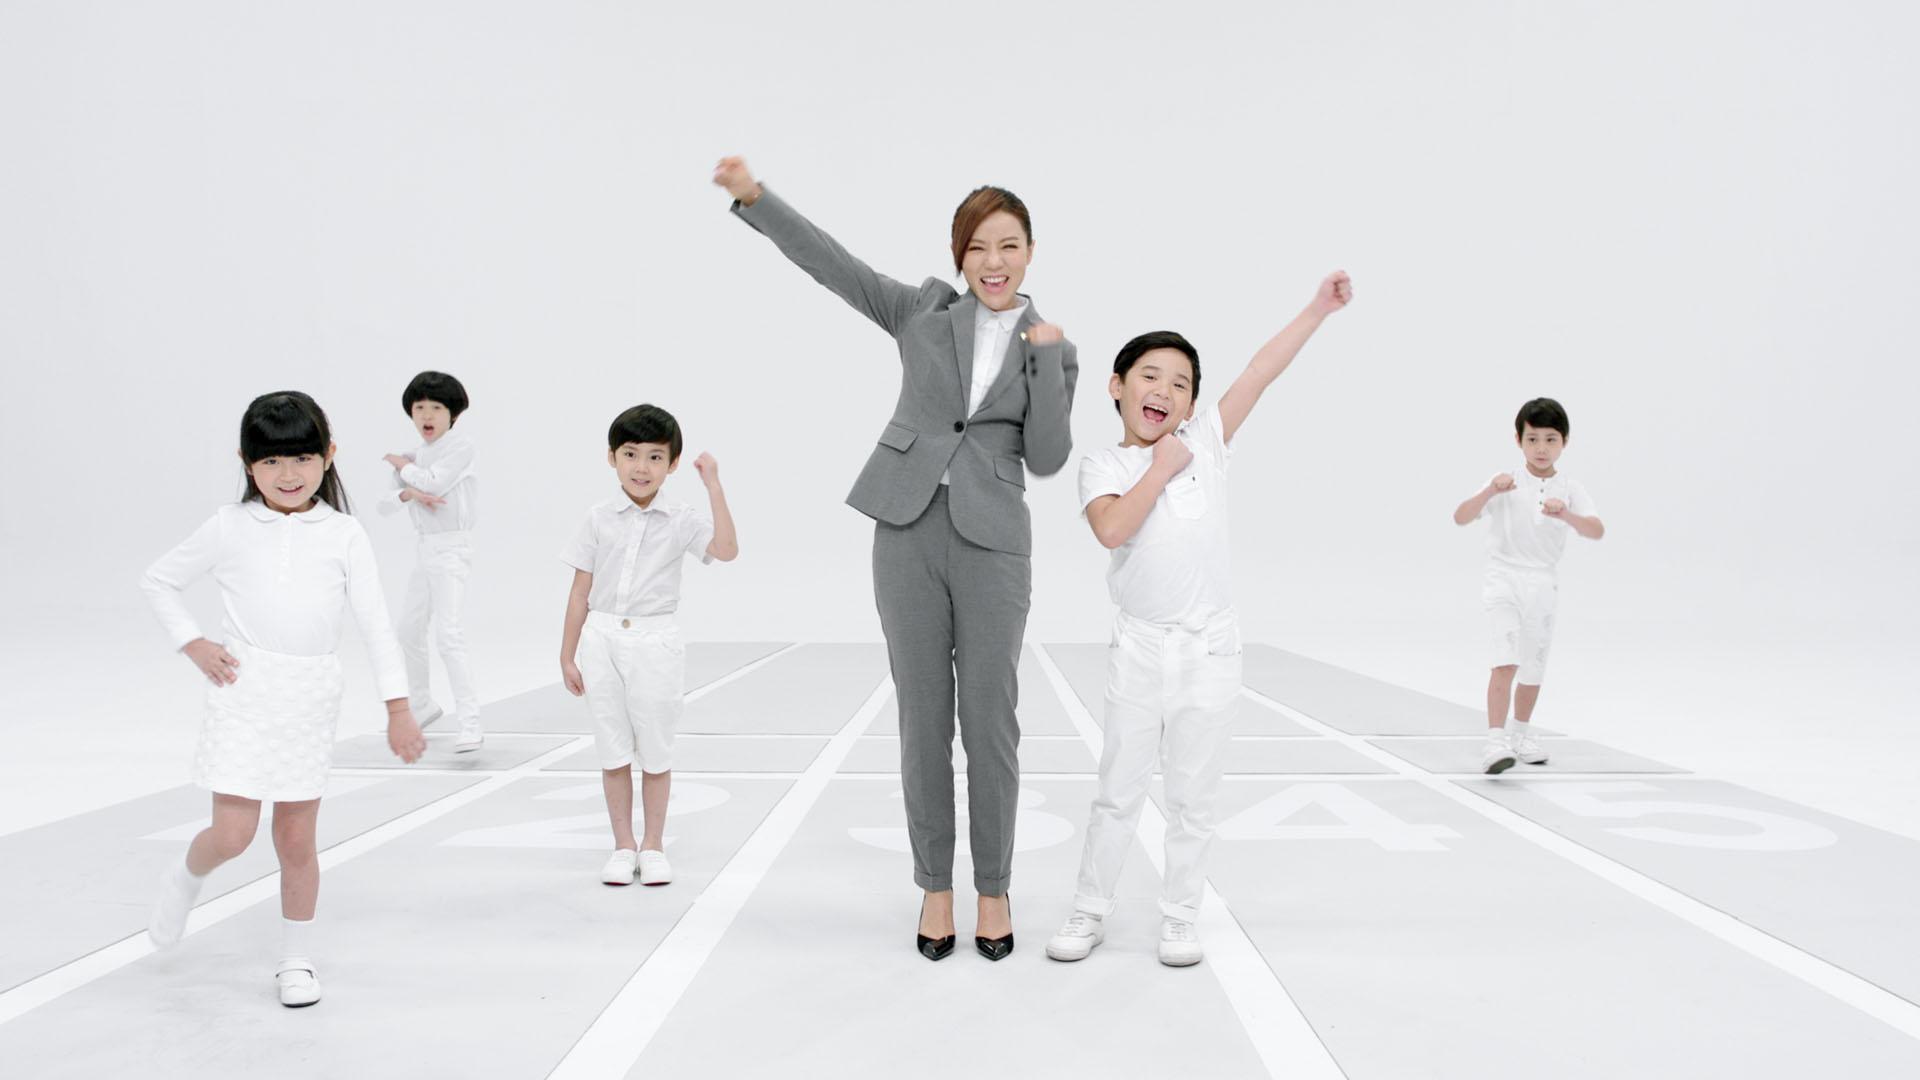 三商美邦「守護未來」全新公益形象廣告上映